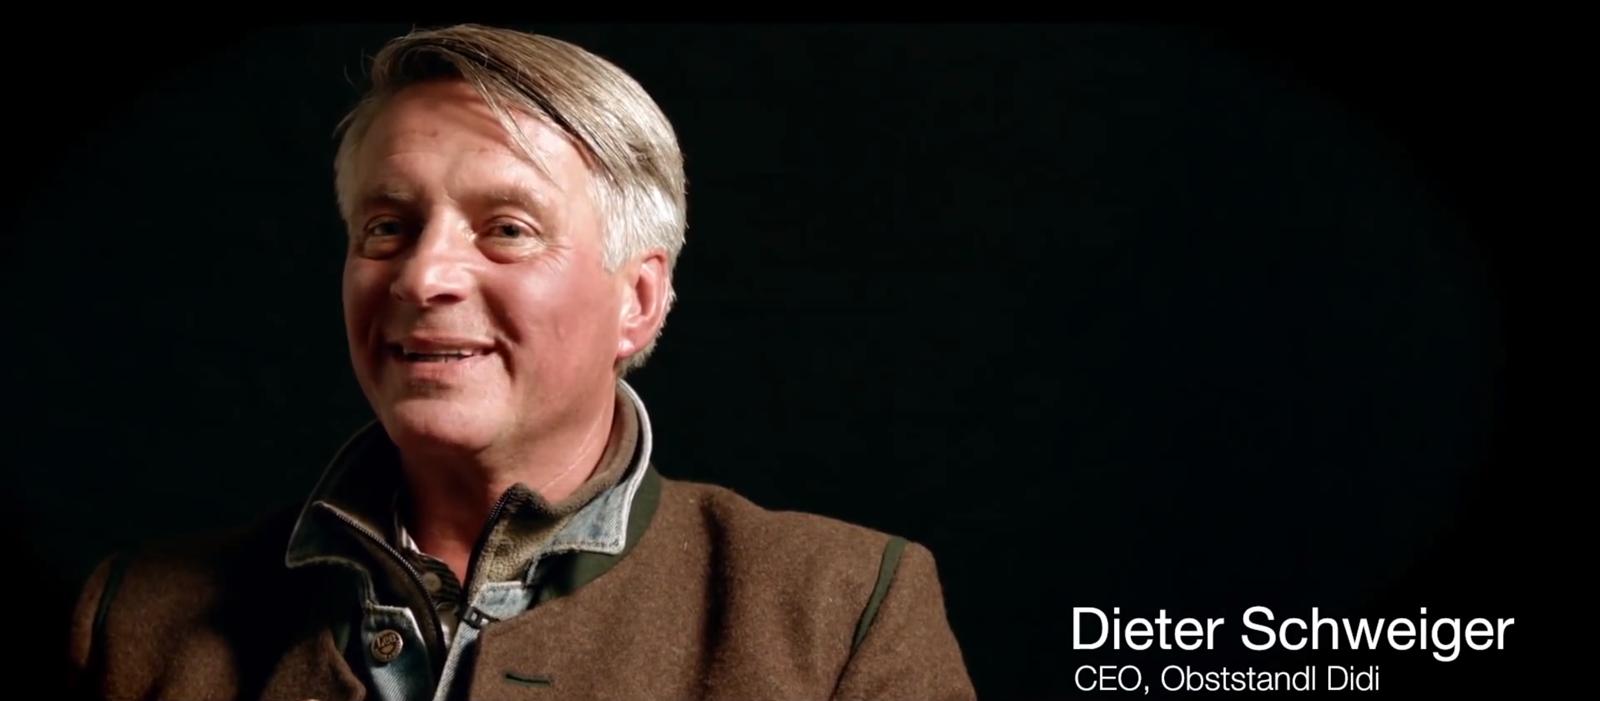 Dieter Steiger, CEO Obststand Didi